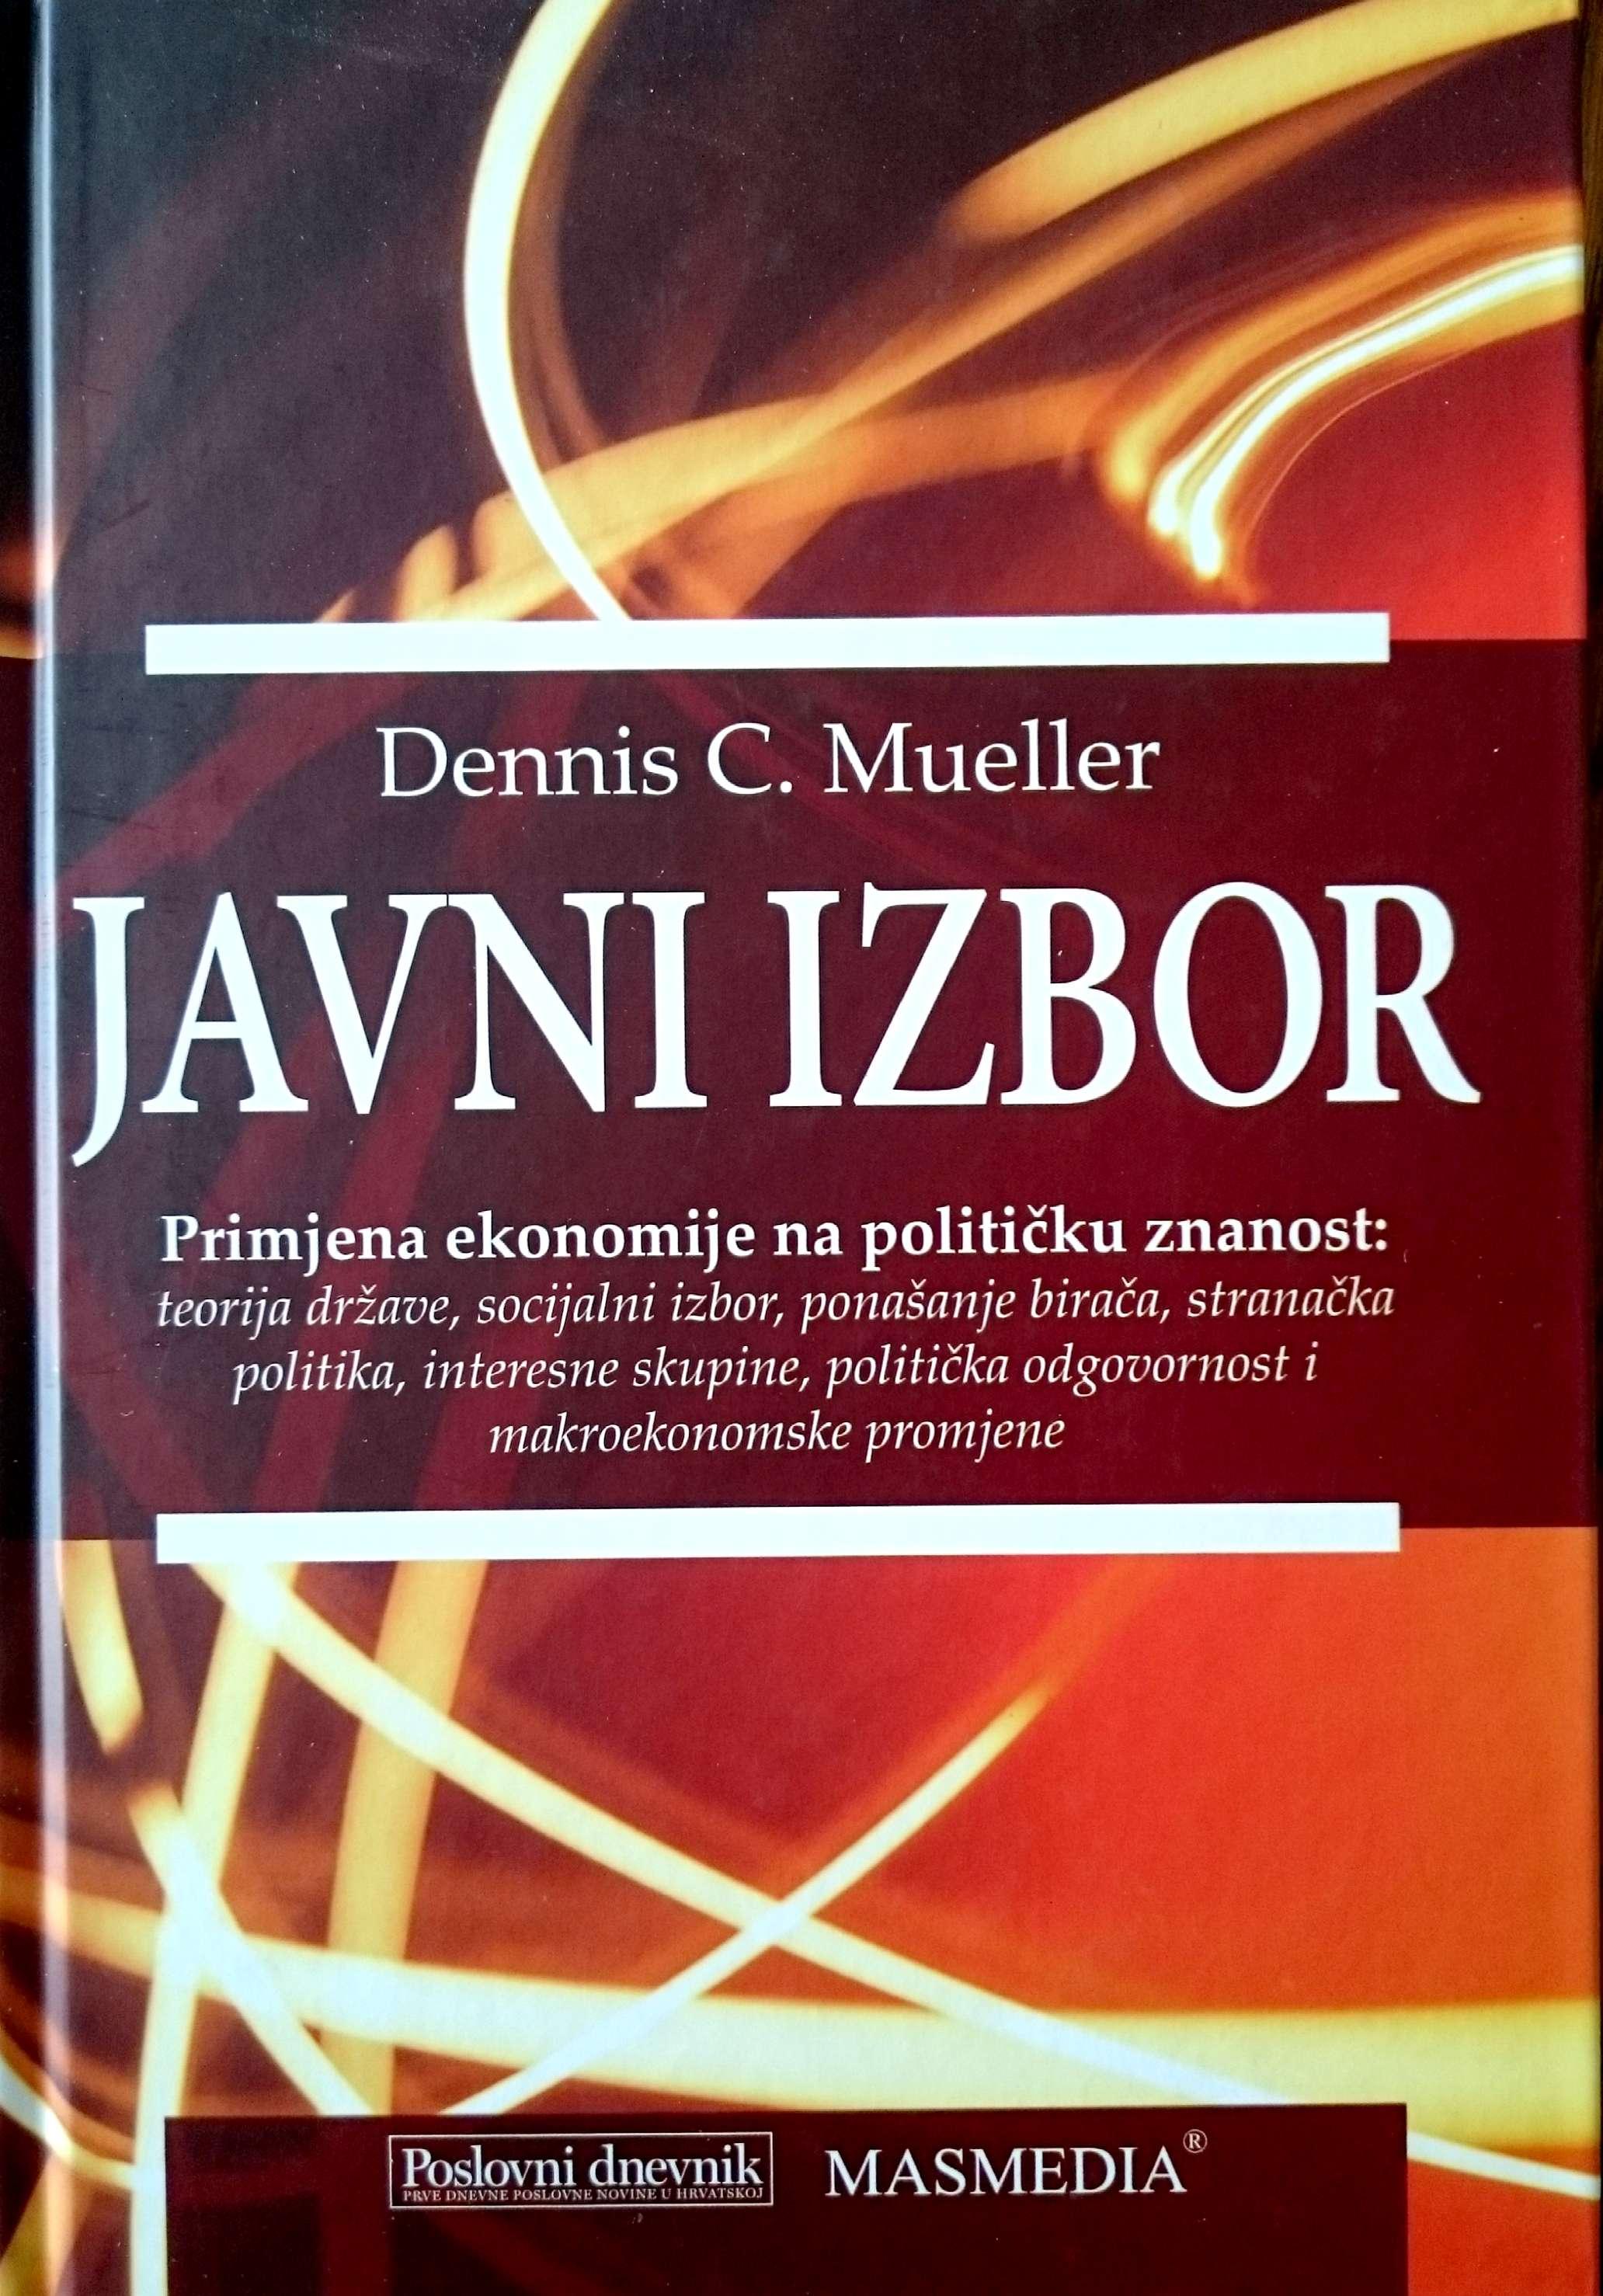 JAVNI IZBOR - Naruči svoju knjigu